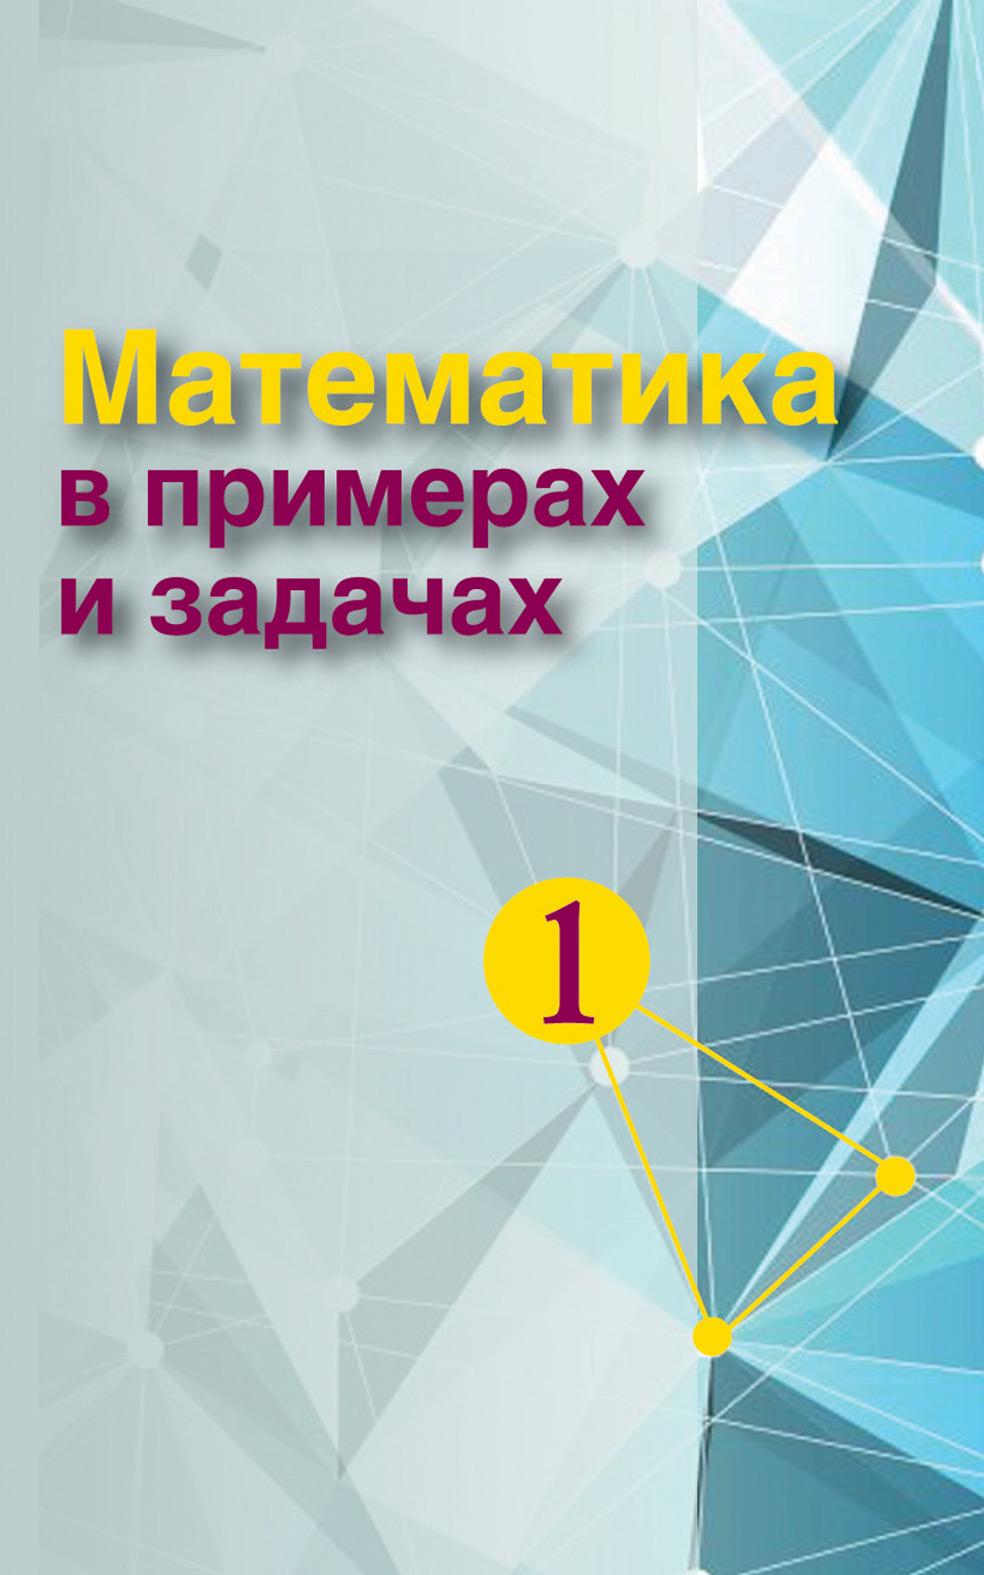 Коллектив авторов Математика в примерах и задачах. Часть 1 коллектив авторов математика в примерах и задачах часть 1